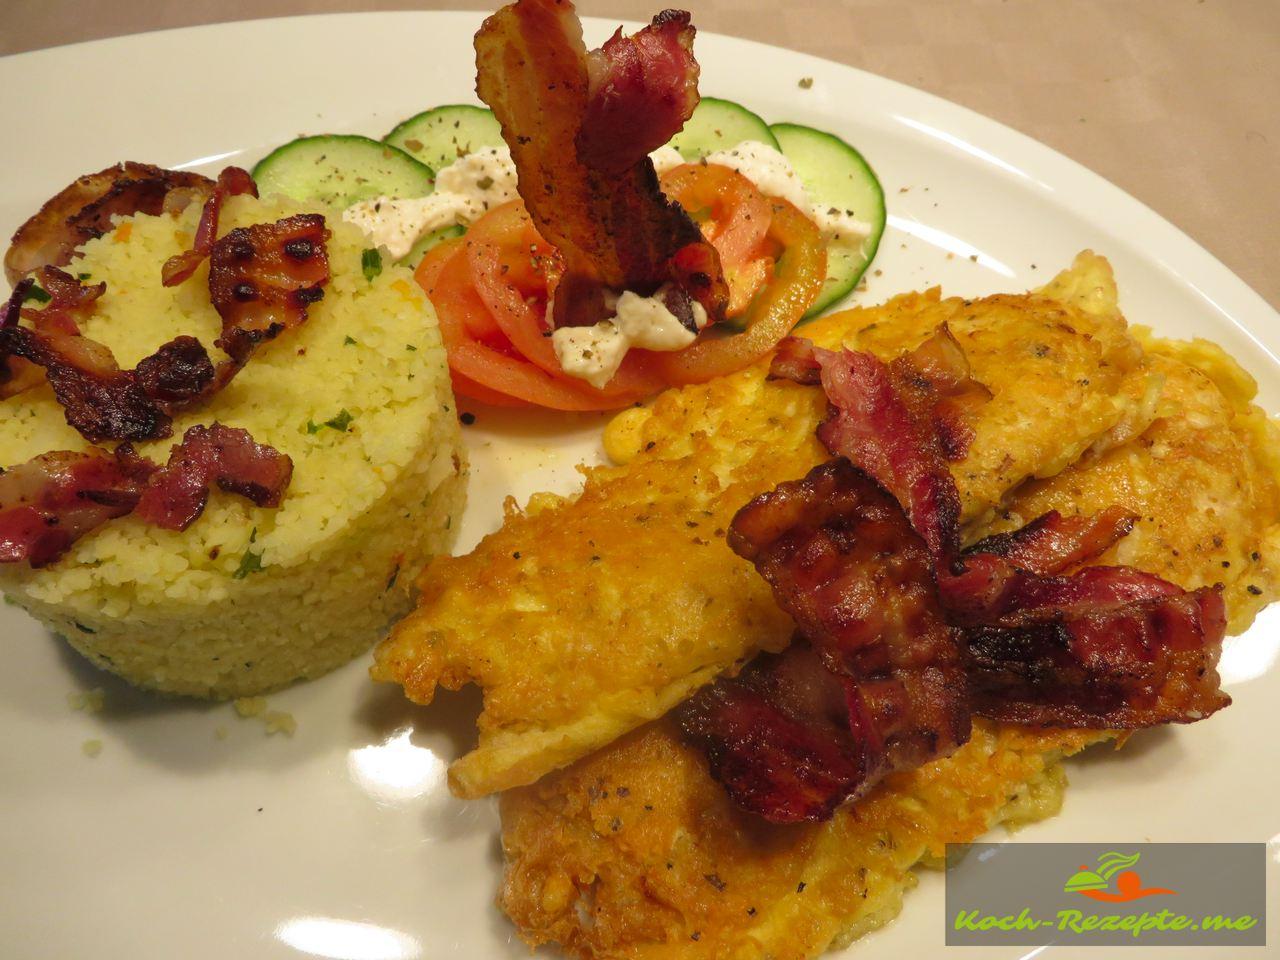 Hauptgericht Plattfisch Pecorino Ei Panade mit Vegetable Couscous und Bacon.